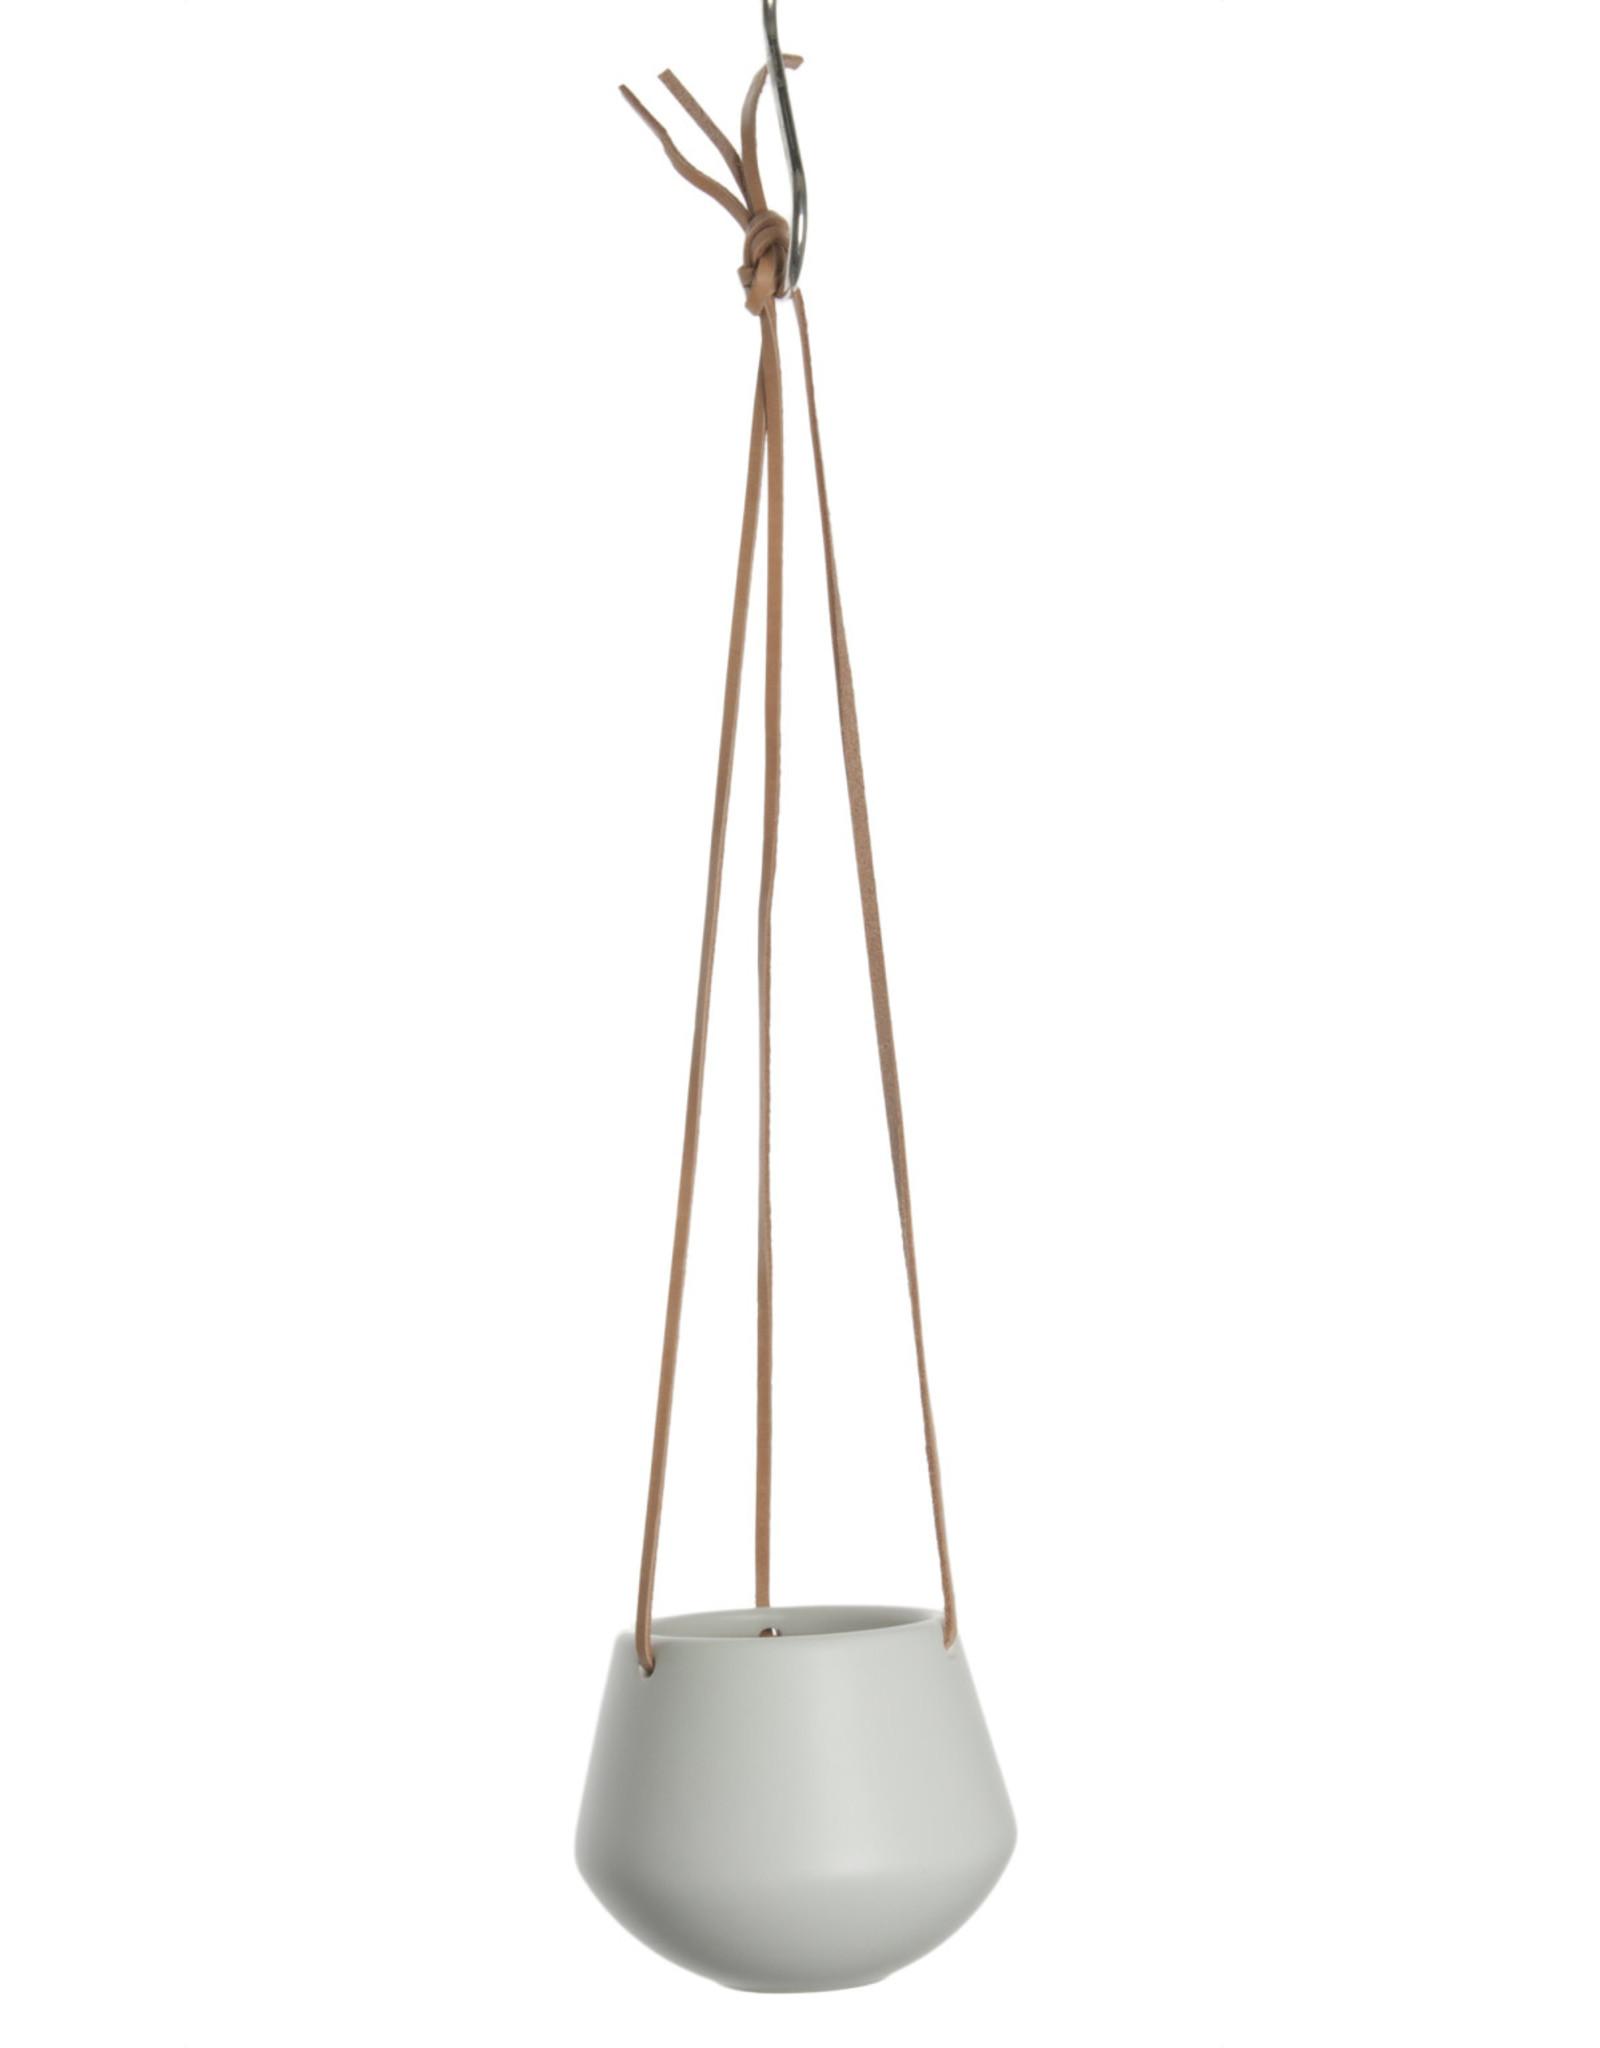 pt Skittle hanging pot Ø8.5 h9 cm - Matt white